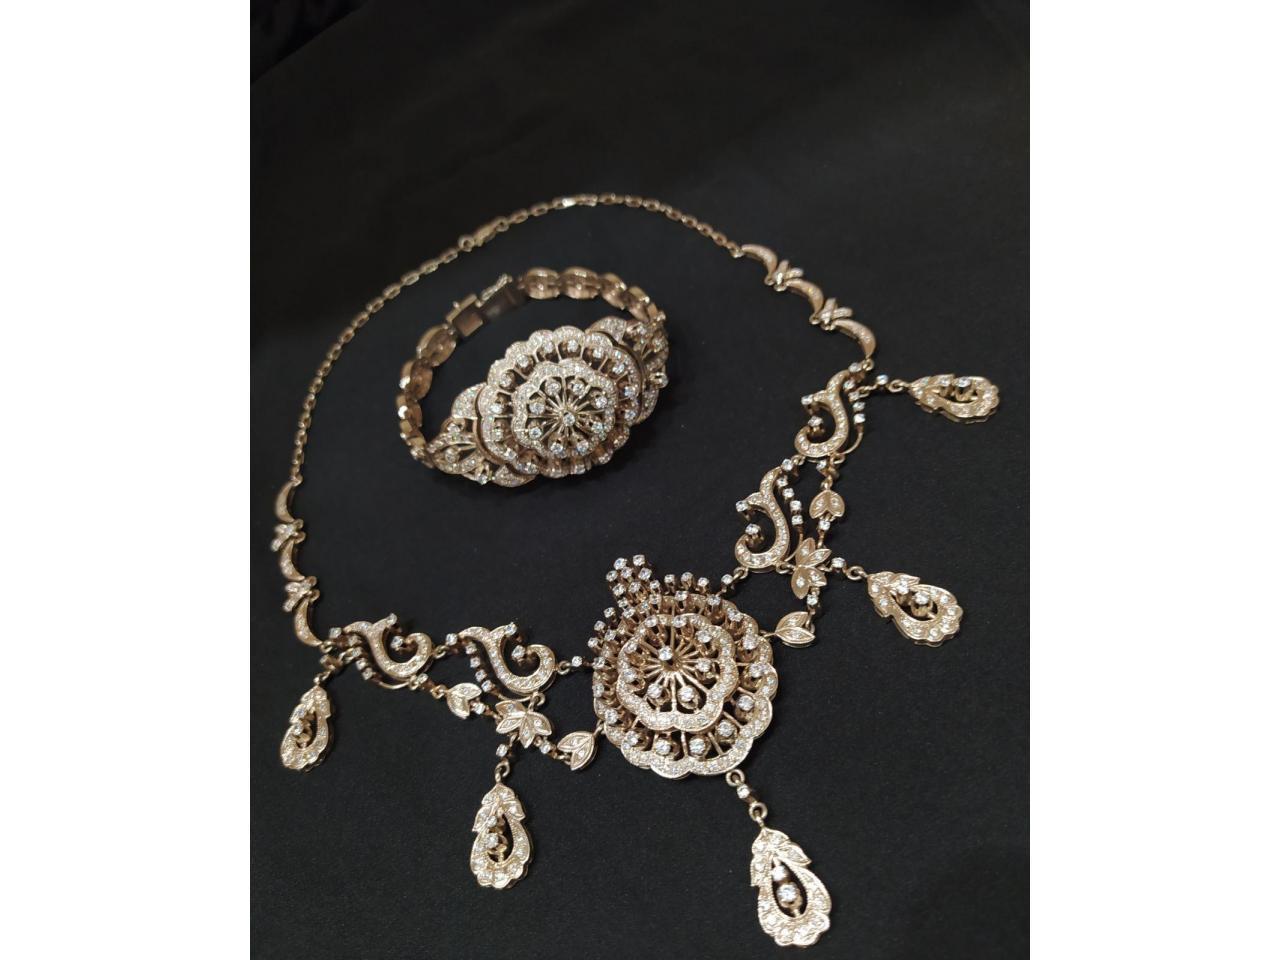 Эксклюзивное ожерелье и брослет серебро 925 пробы - 5